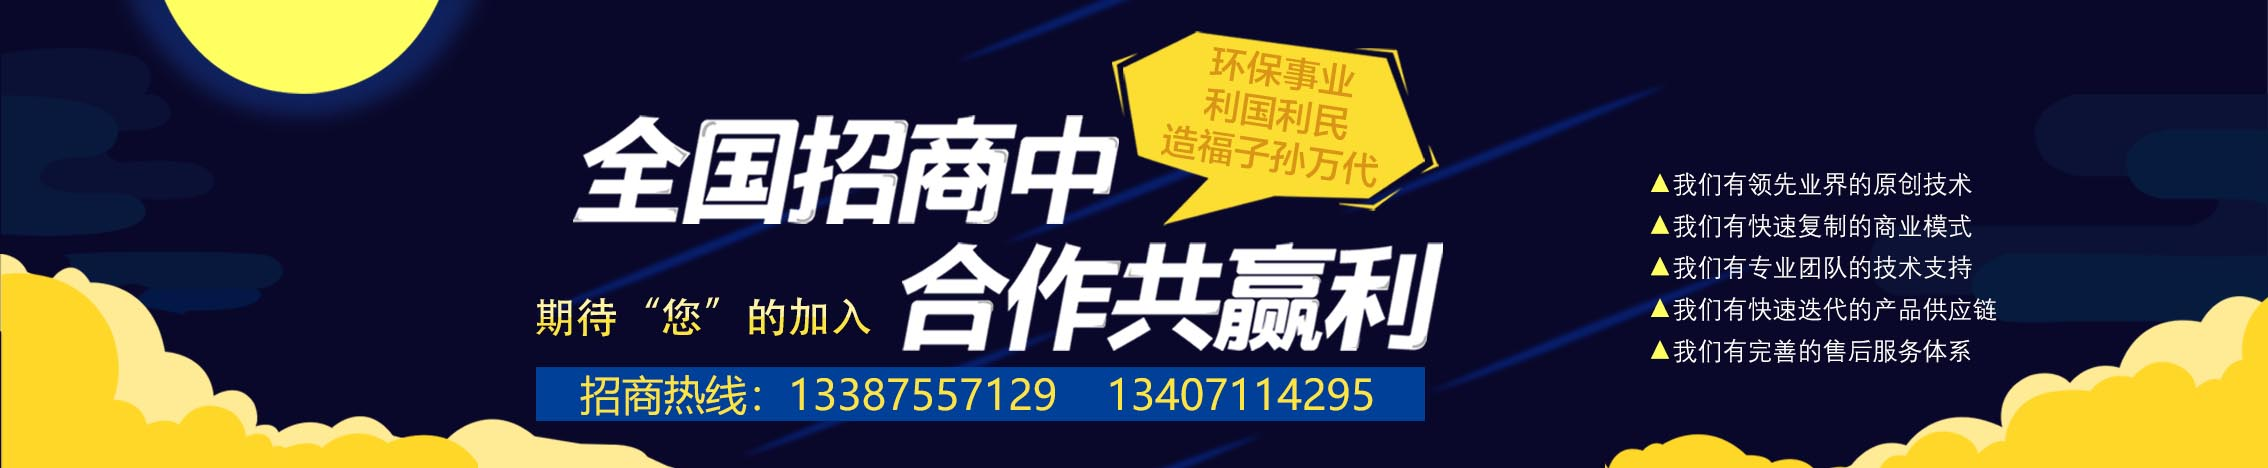 http://www.whcxhb.cn/data/upload/202007/20200701104621_636.jpg